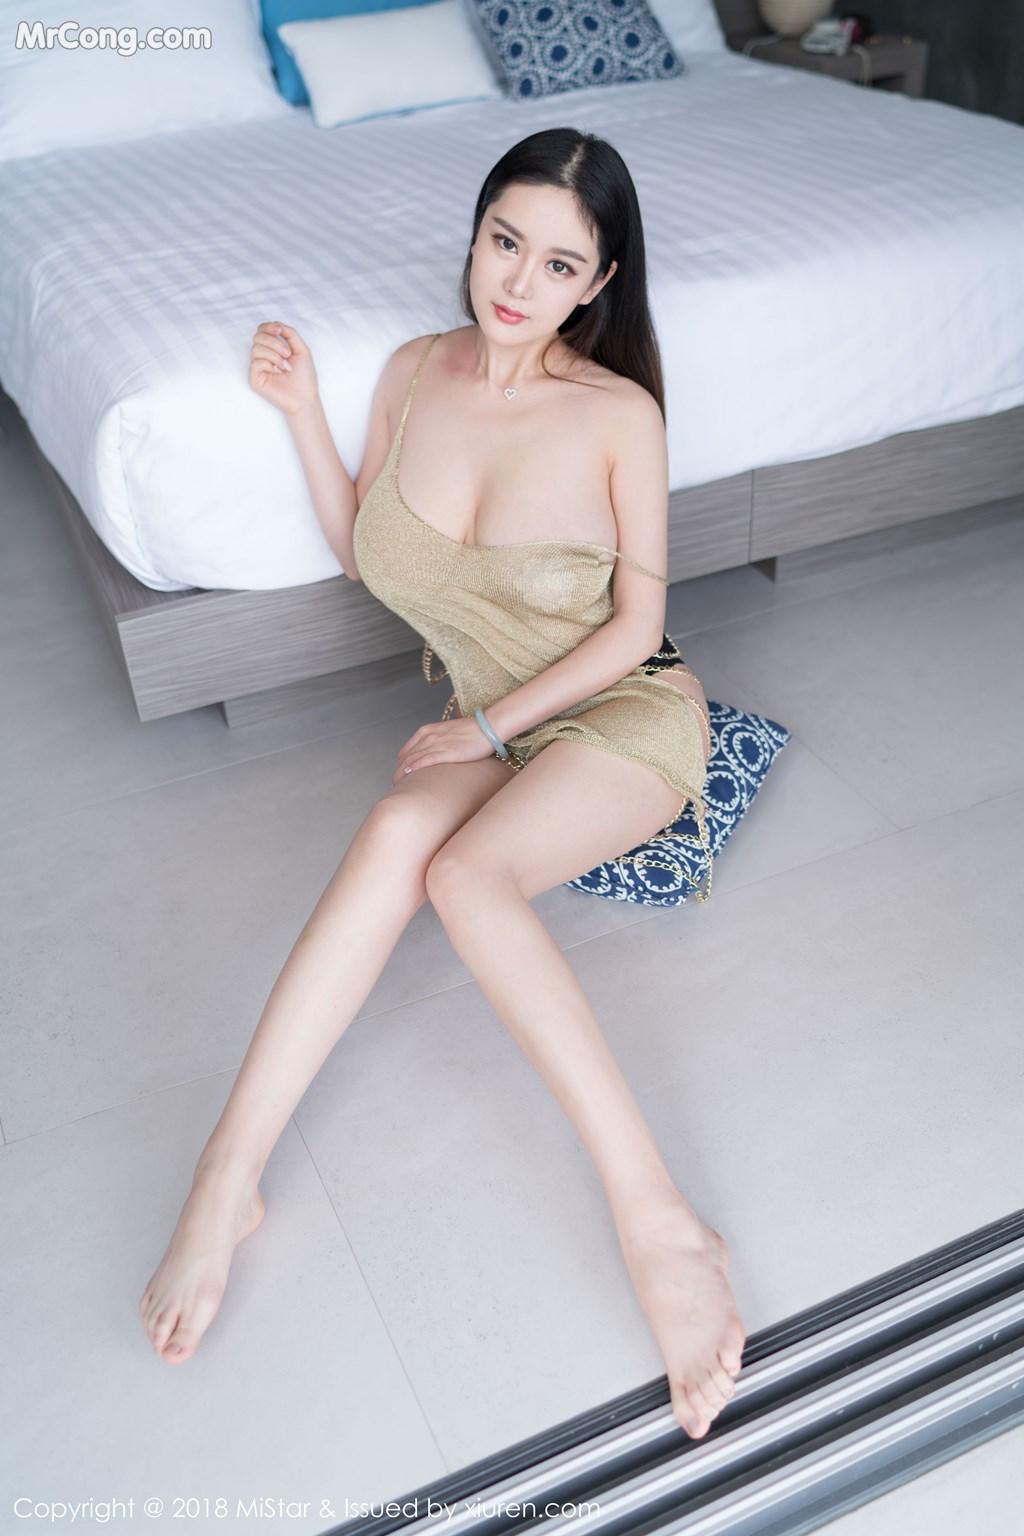 Image MiStar-Vol.224-Silvia-MrCong.com-005 in post MiStar Vol.224: Người mẫu 易阳Silvia (36 ảnh)